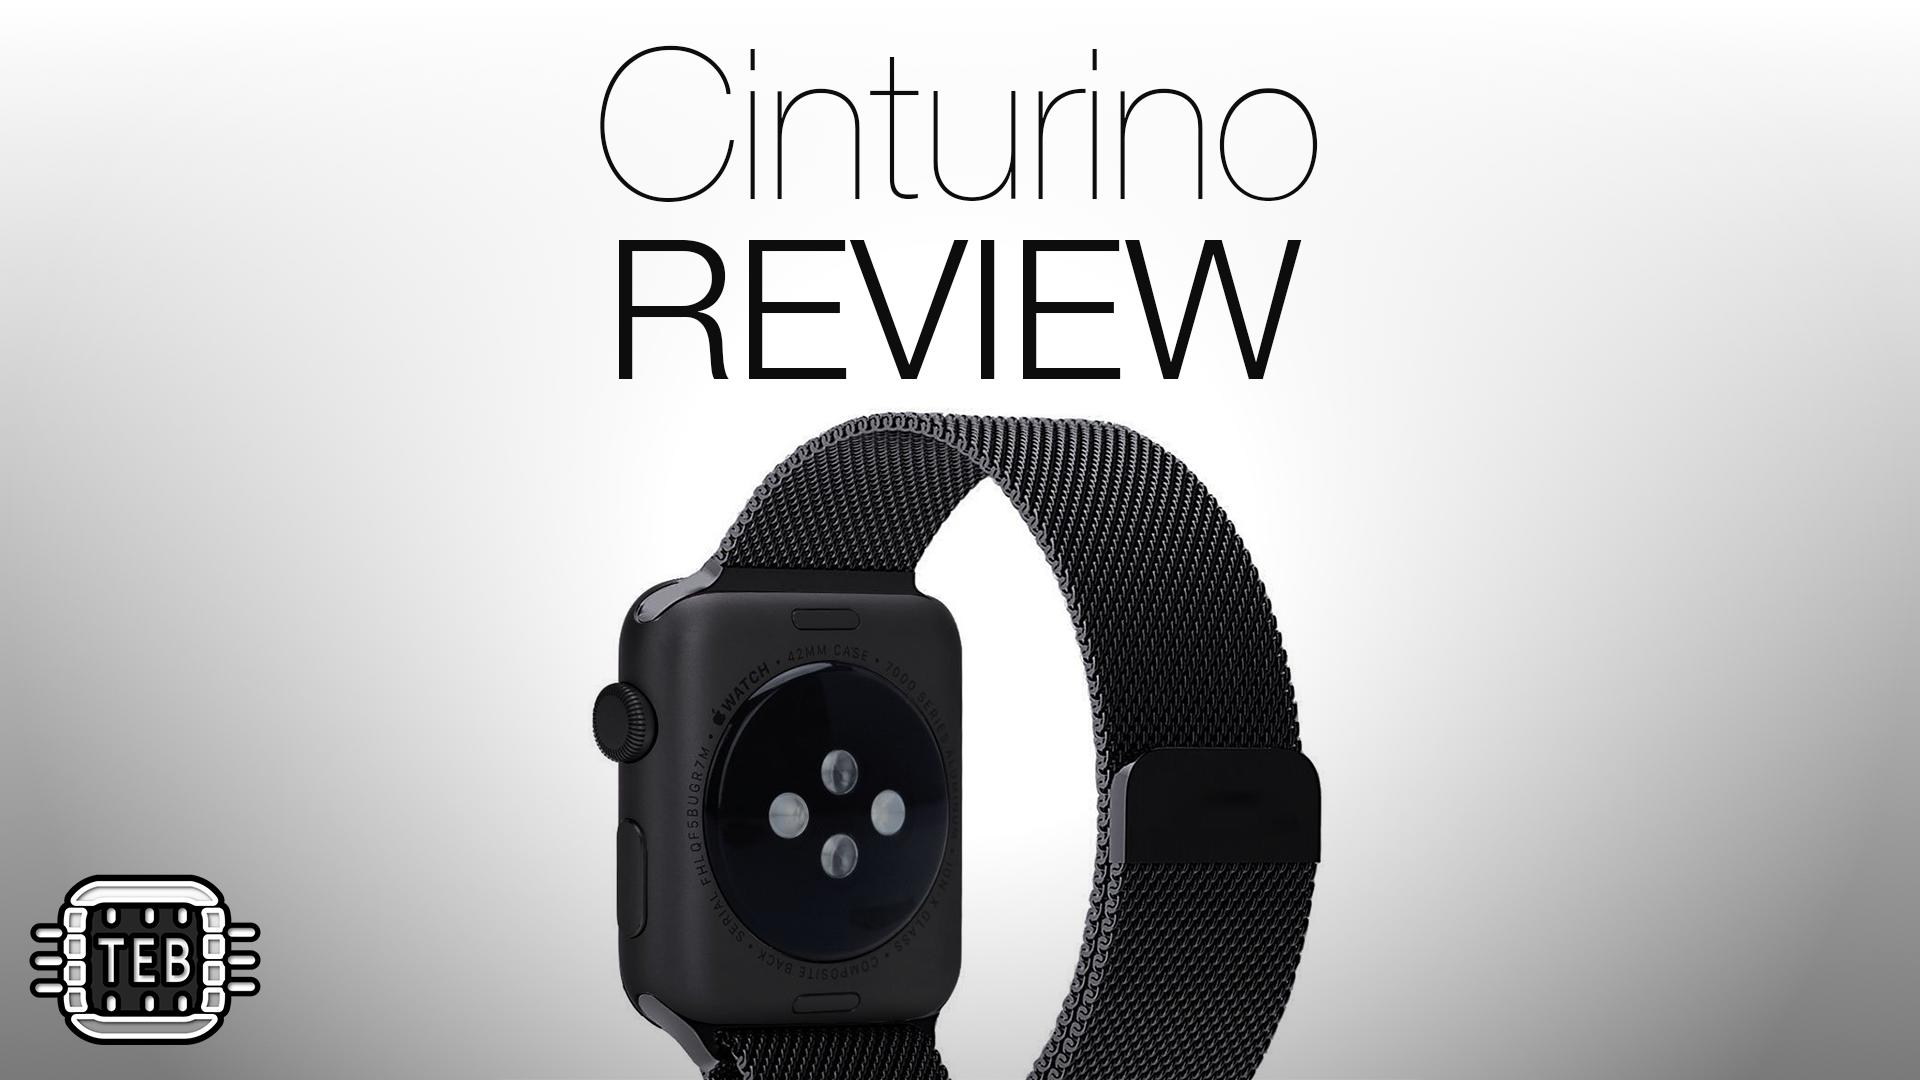 Cinturino in maglia milanese per Apple Watch: la REVIEW di TechEarthBlog [FOTO + VIDEO]